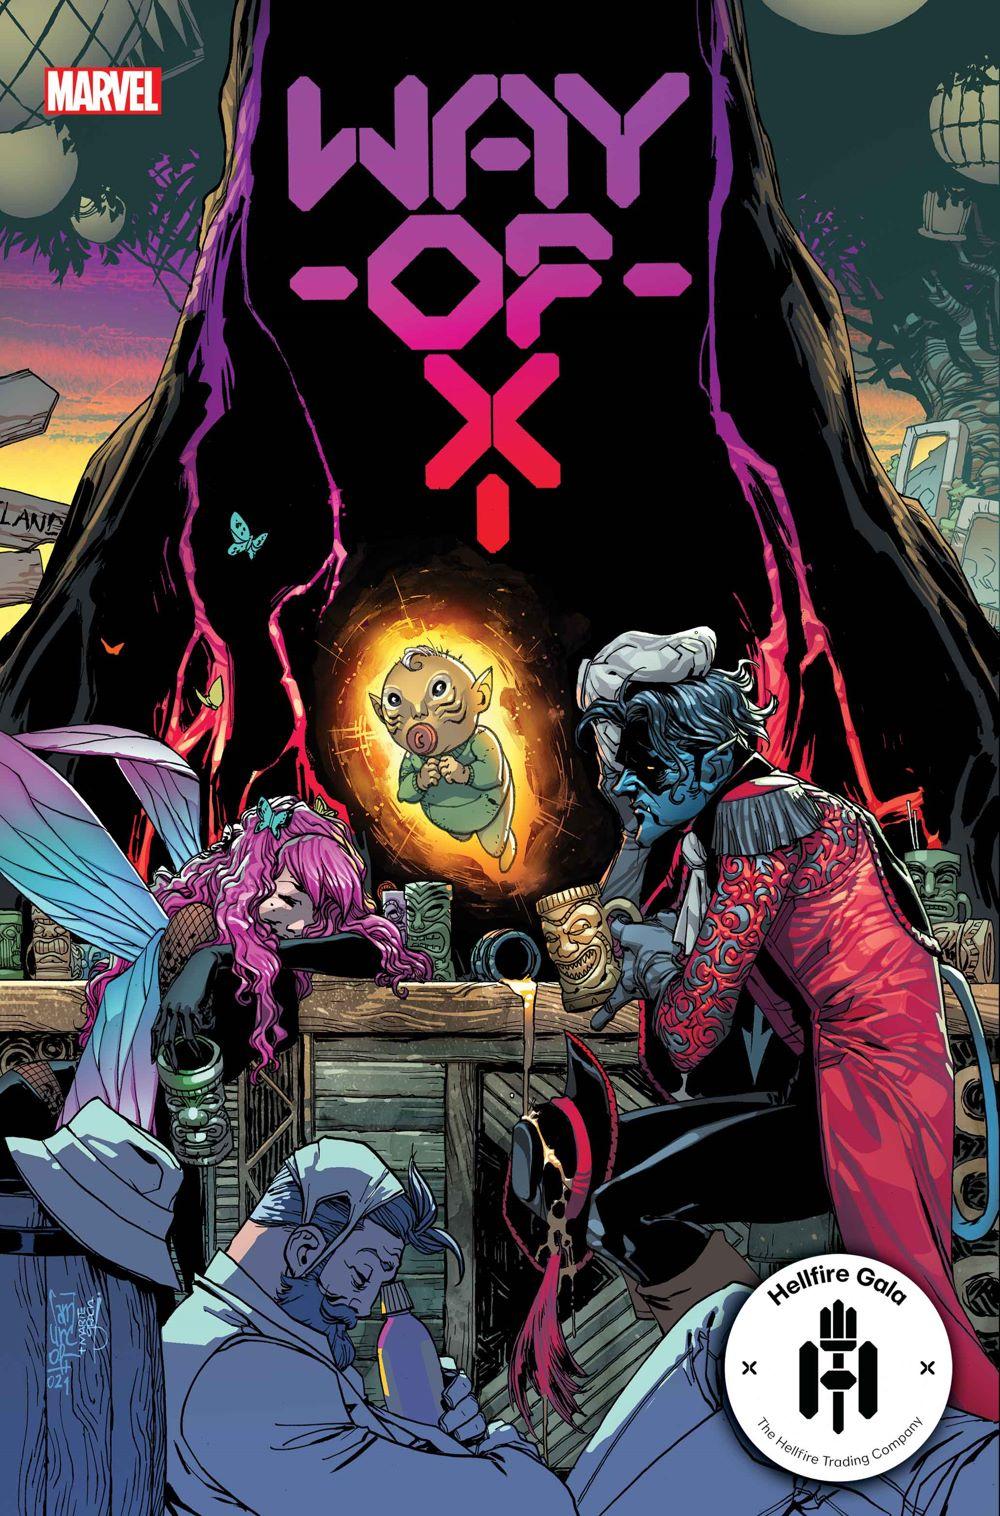 WAYOFX2021003_Cov Marvel Comics June 2021 Solicitations